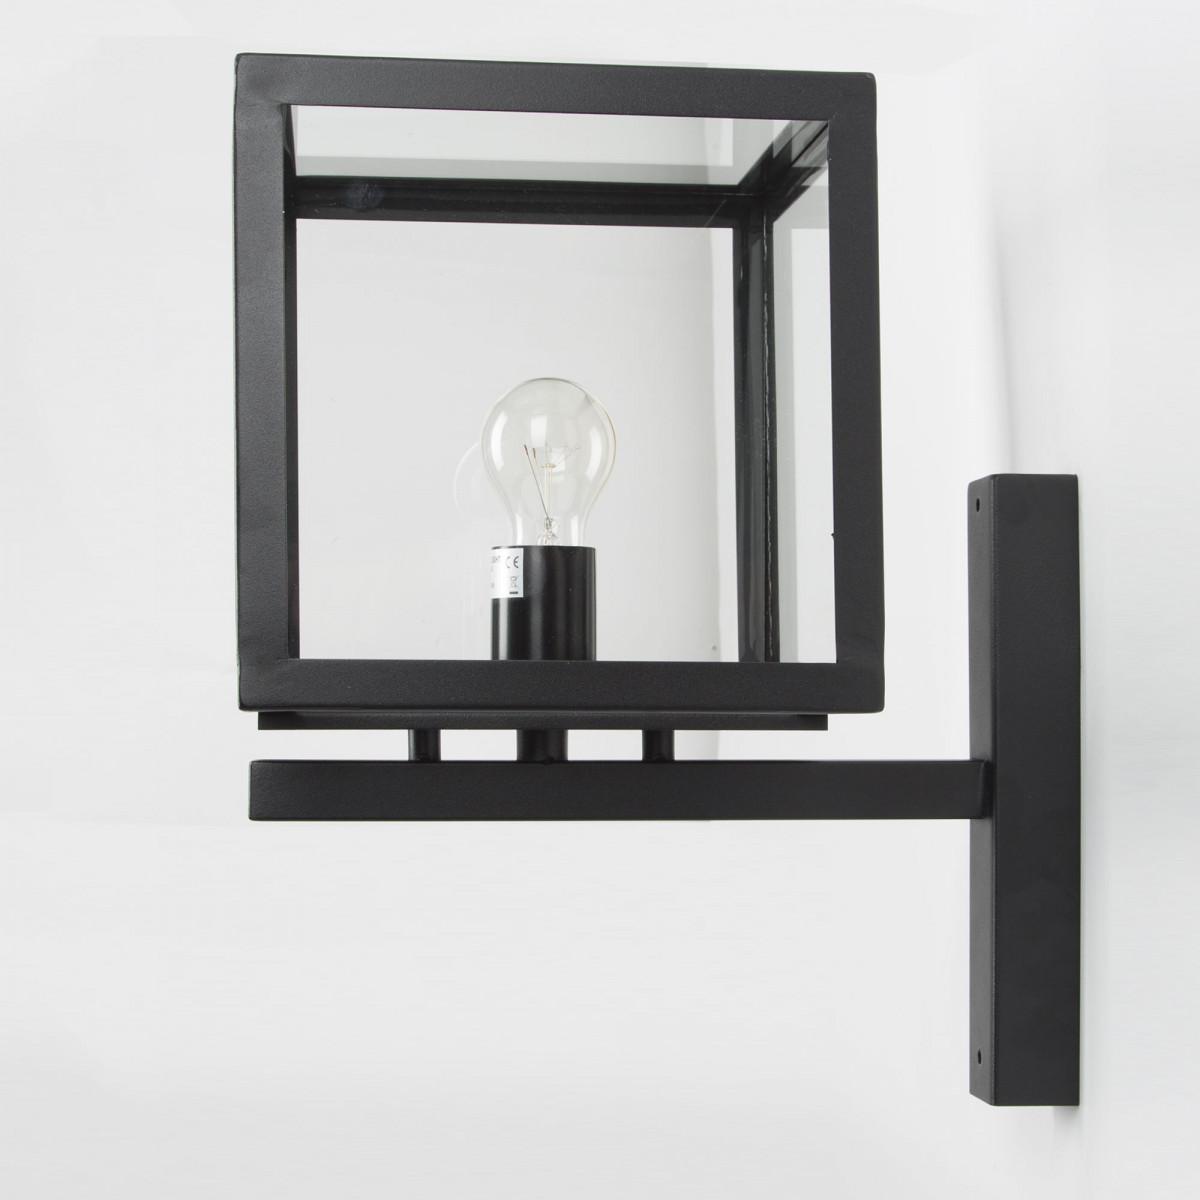 Zwarte RVS buitenlamp, modern box design verlichting voor buiten aan de wand, vierkante wandlamp met grote heldere glazen lichtbron is zichtbaar smalle zwarte wandsteun